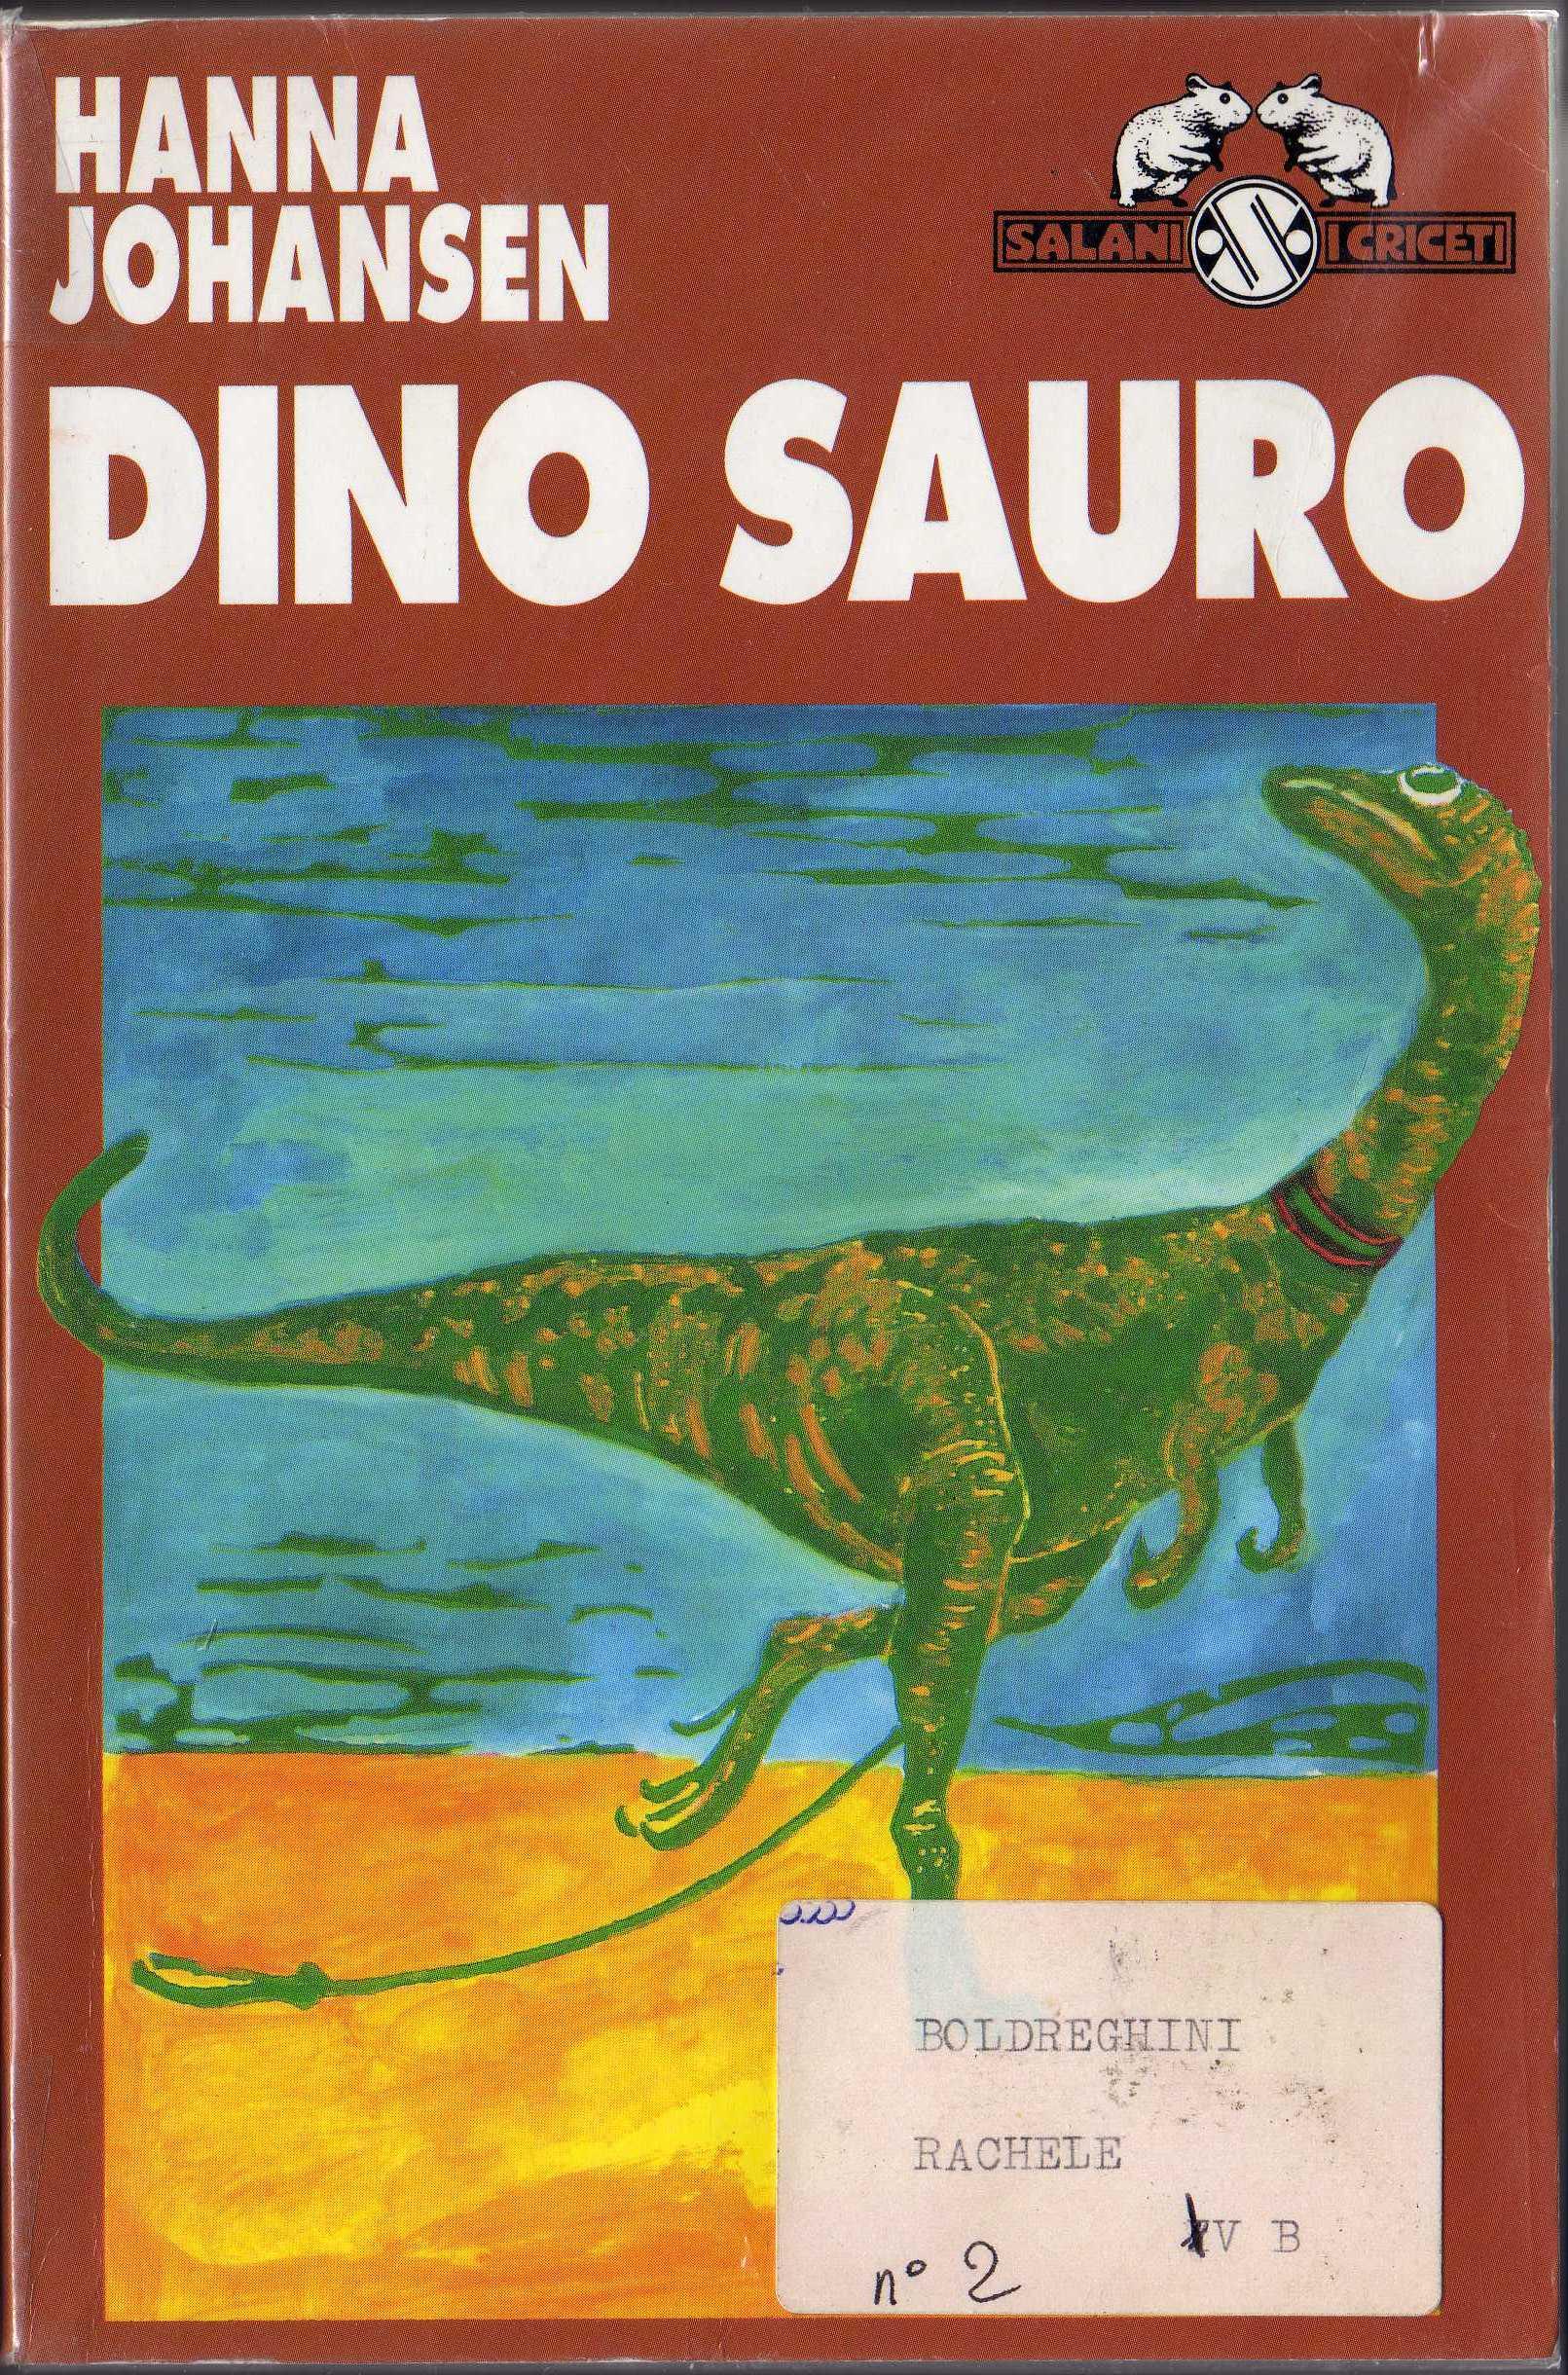 Dino sauro